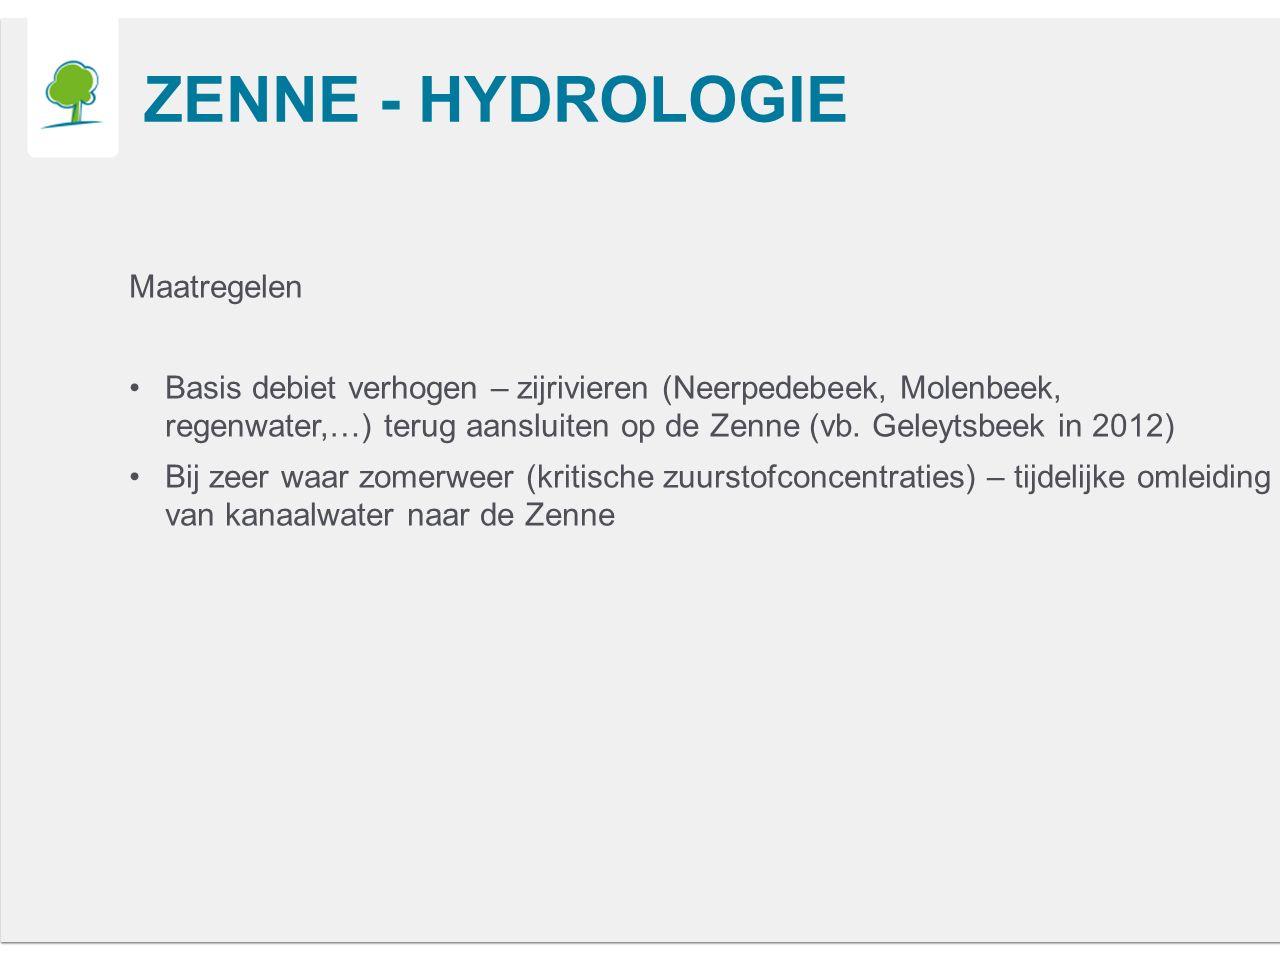 ZENNE - HYDROLOGIE Maatregelen Basis debiet verhogen – zijrivieren (Neerpedebeek, Molenbeek, regenwater,…) terug aansluiten op de Zenne (vb.